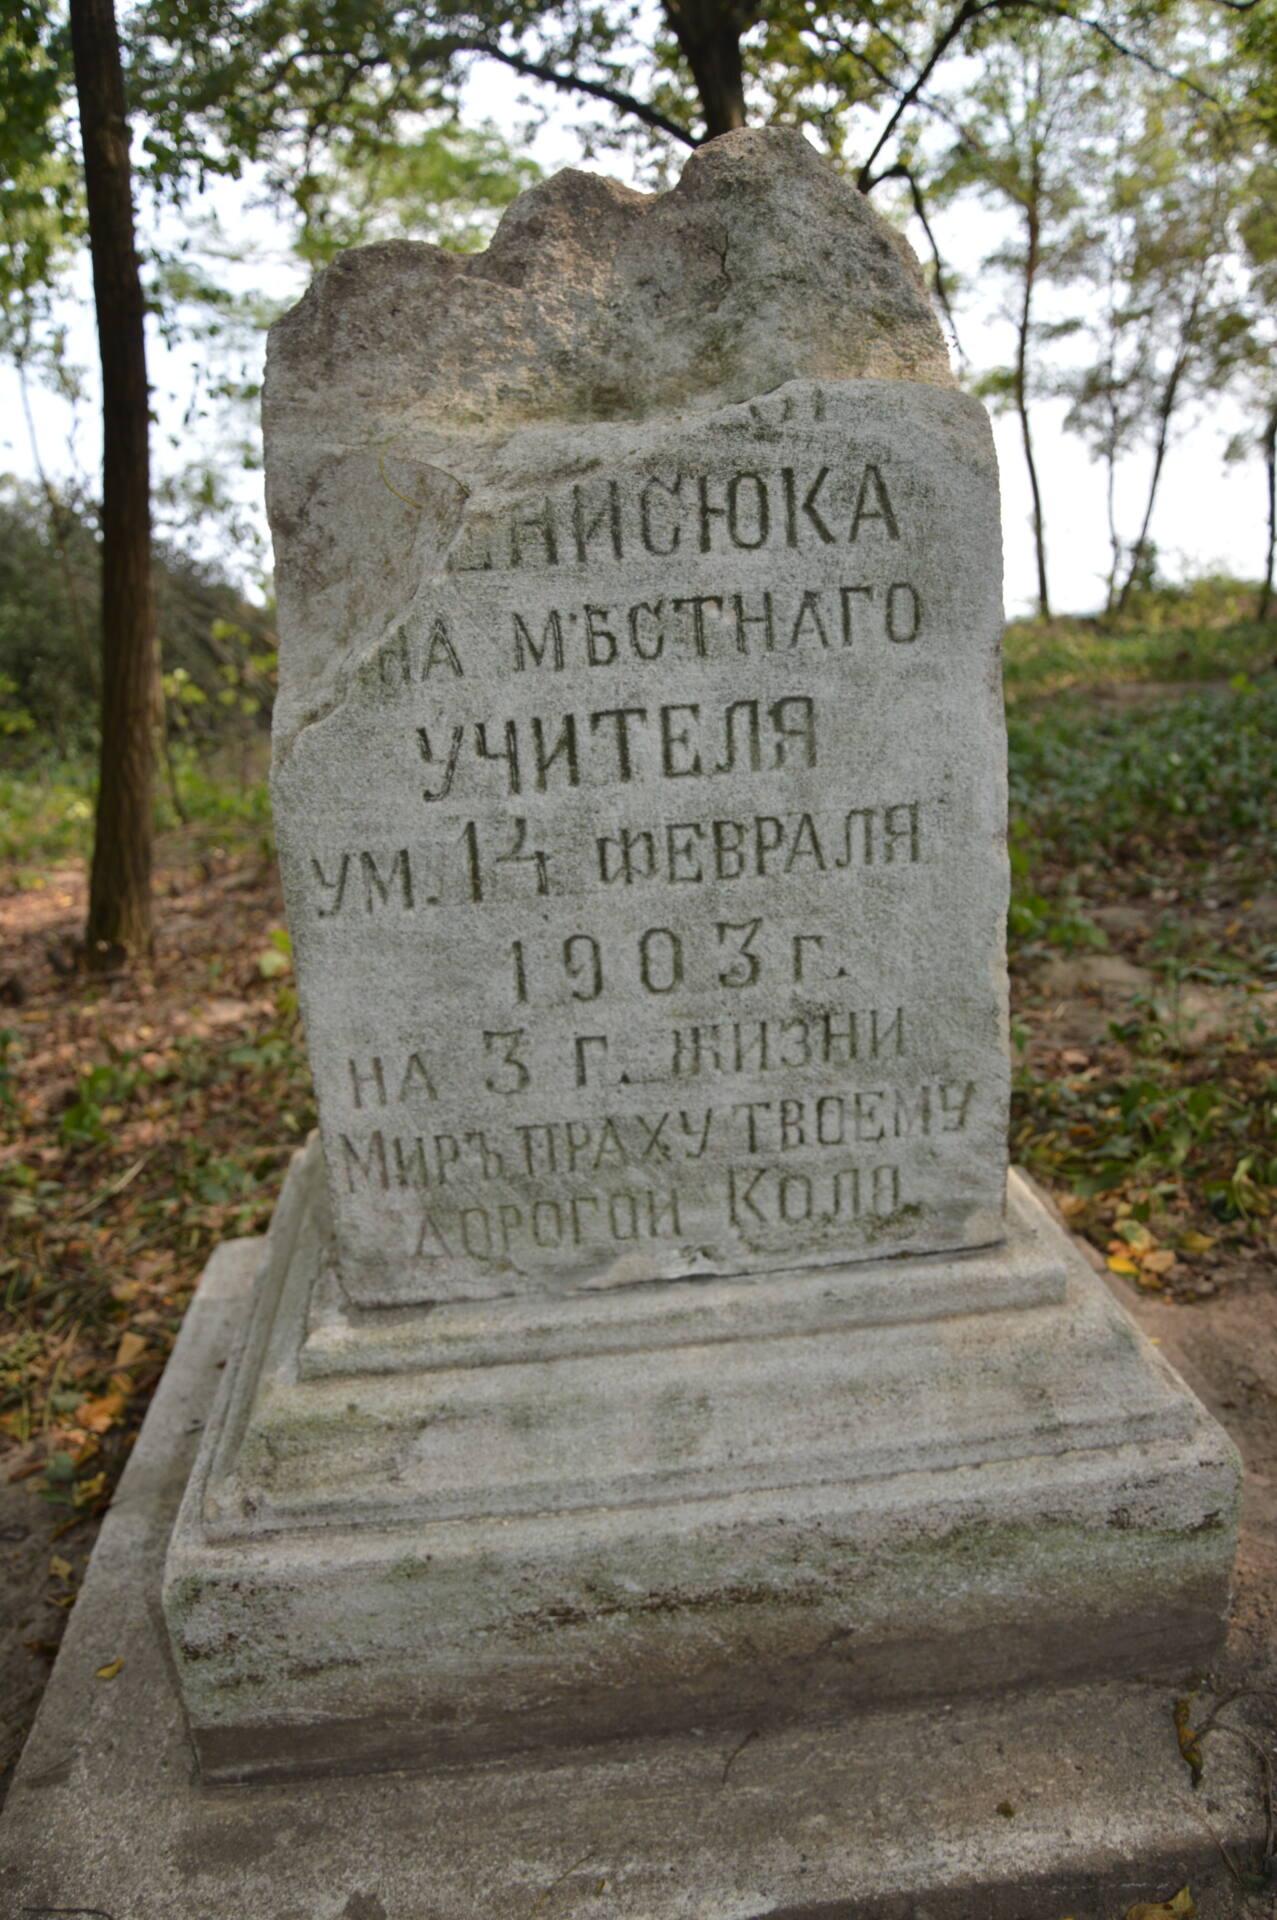 dsc 3408 Zadbajmy o zapomniane cmentarze Zamojszczyzny. Zaproszenie do współpracy.